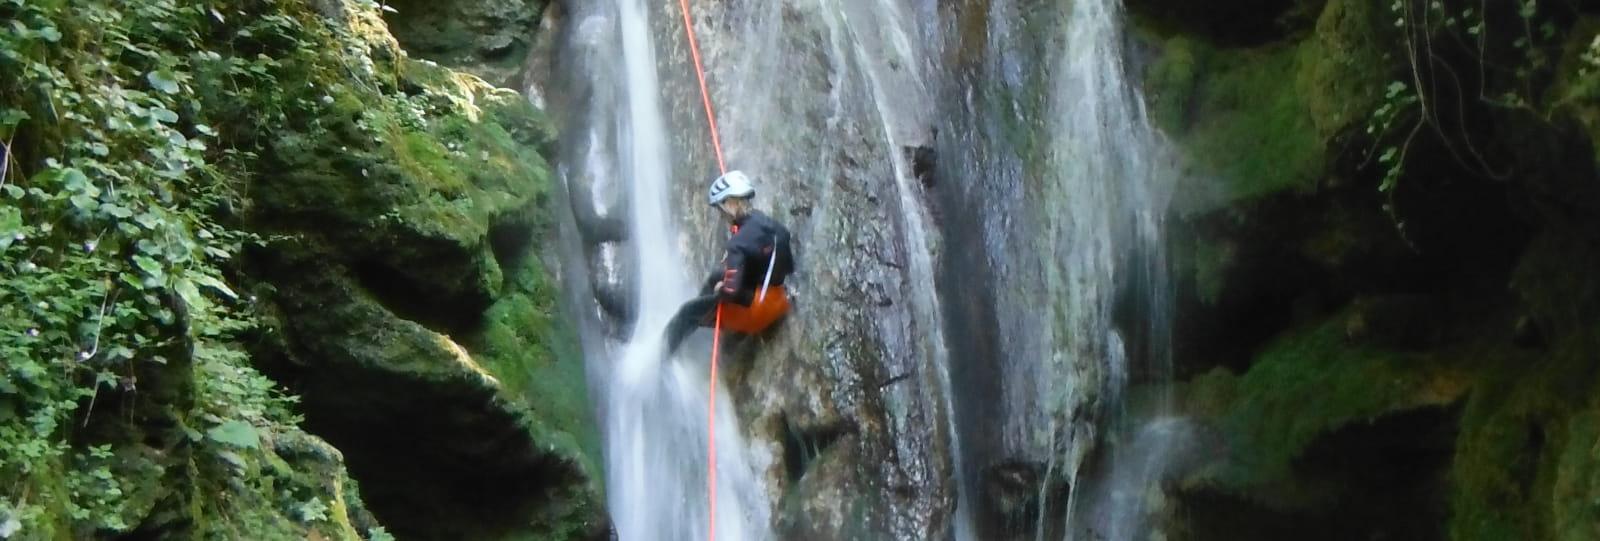 Canyoning et randonnée aquatique avec EVA Location